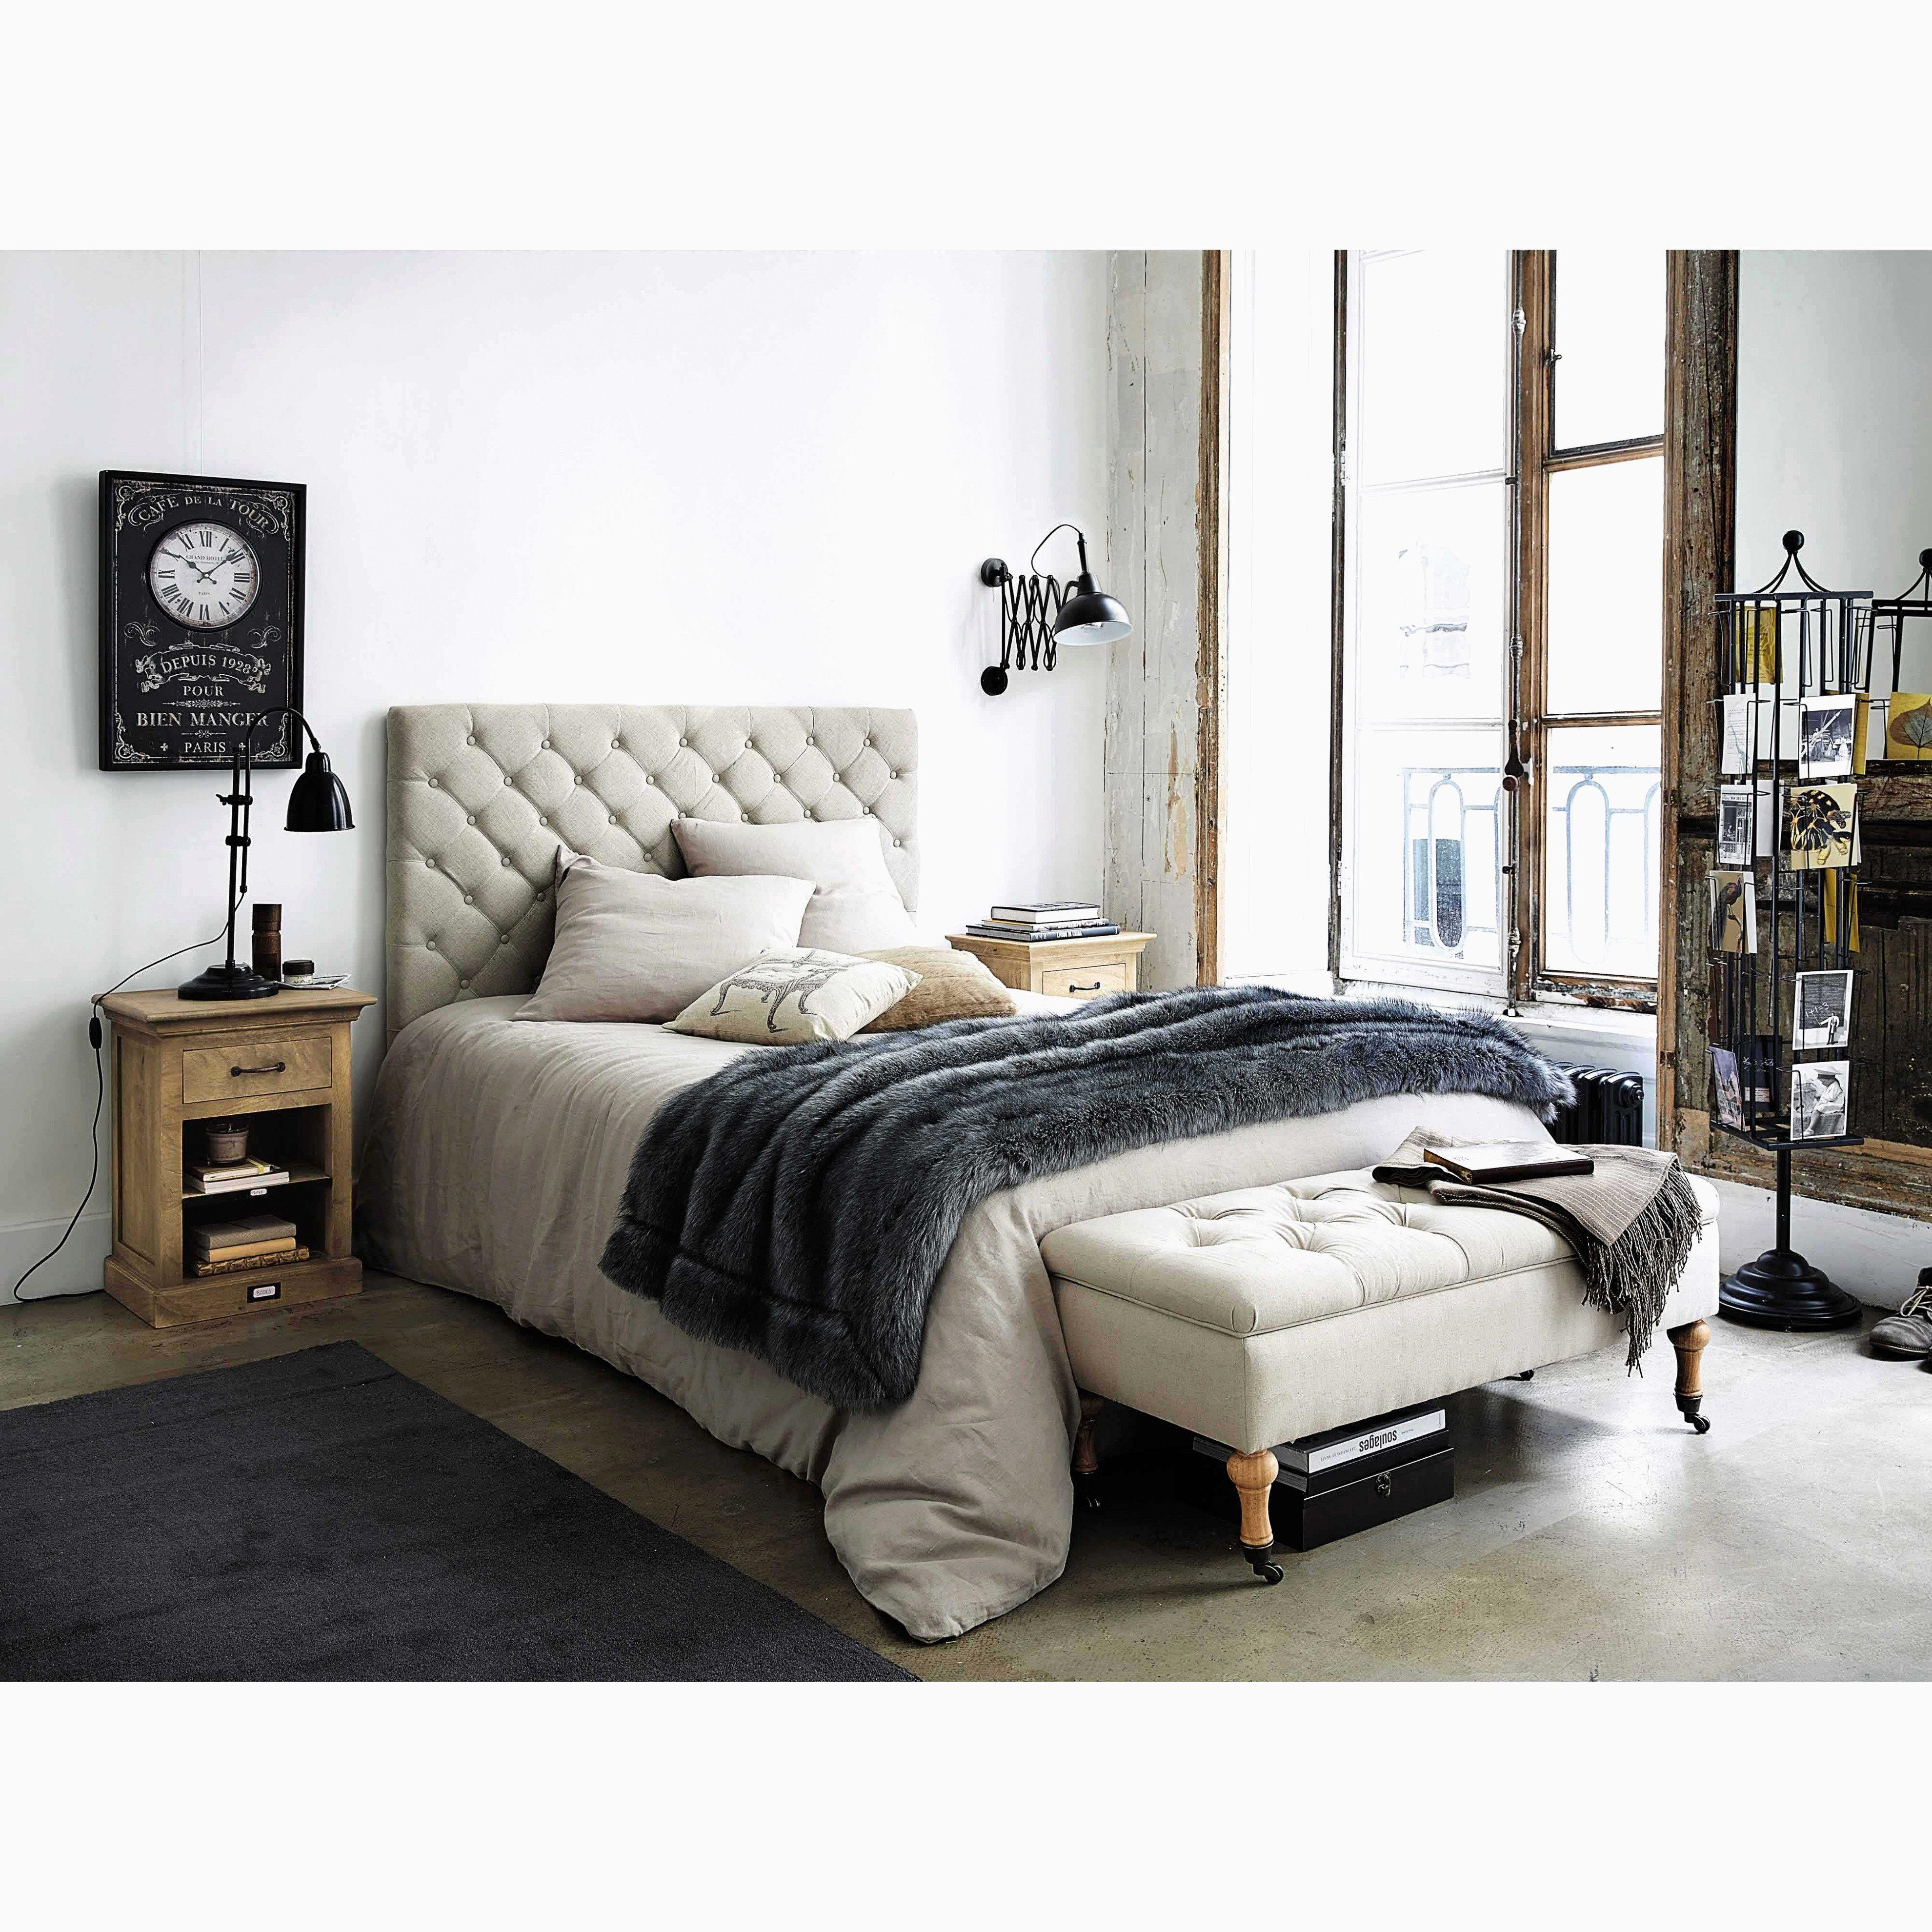 Tete De Lit En 140 Magnifique Tete De Lit 90 Cm Tete De Lit Ikea 180 Fauteuil Salon Ikea Fresh